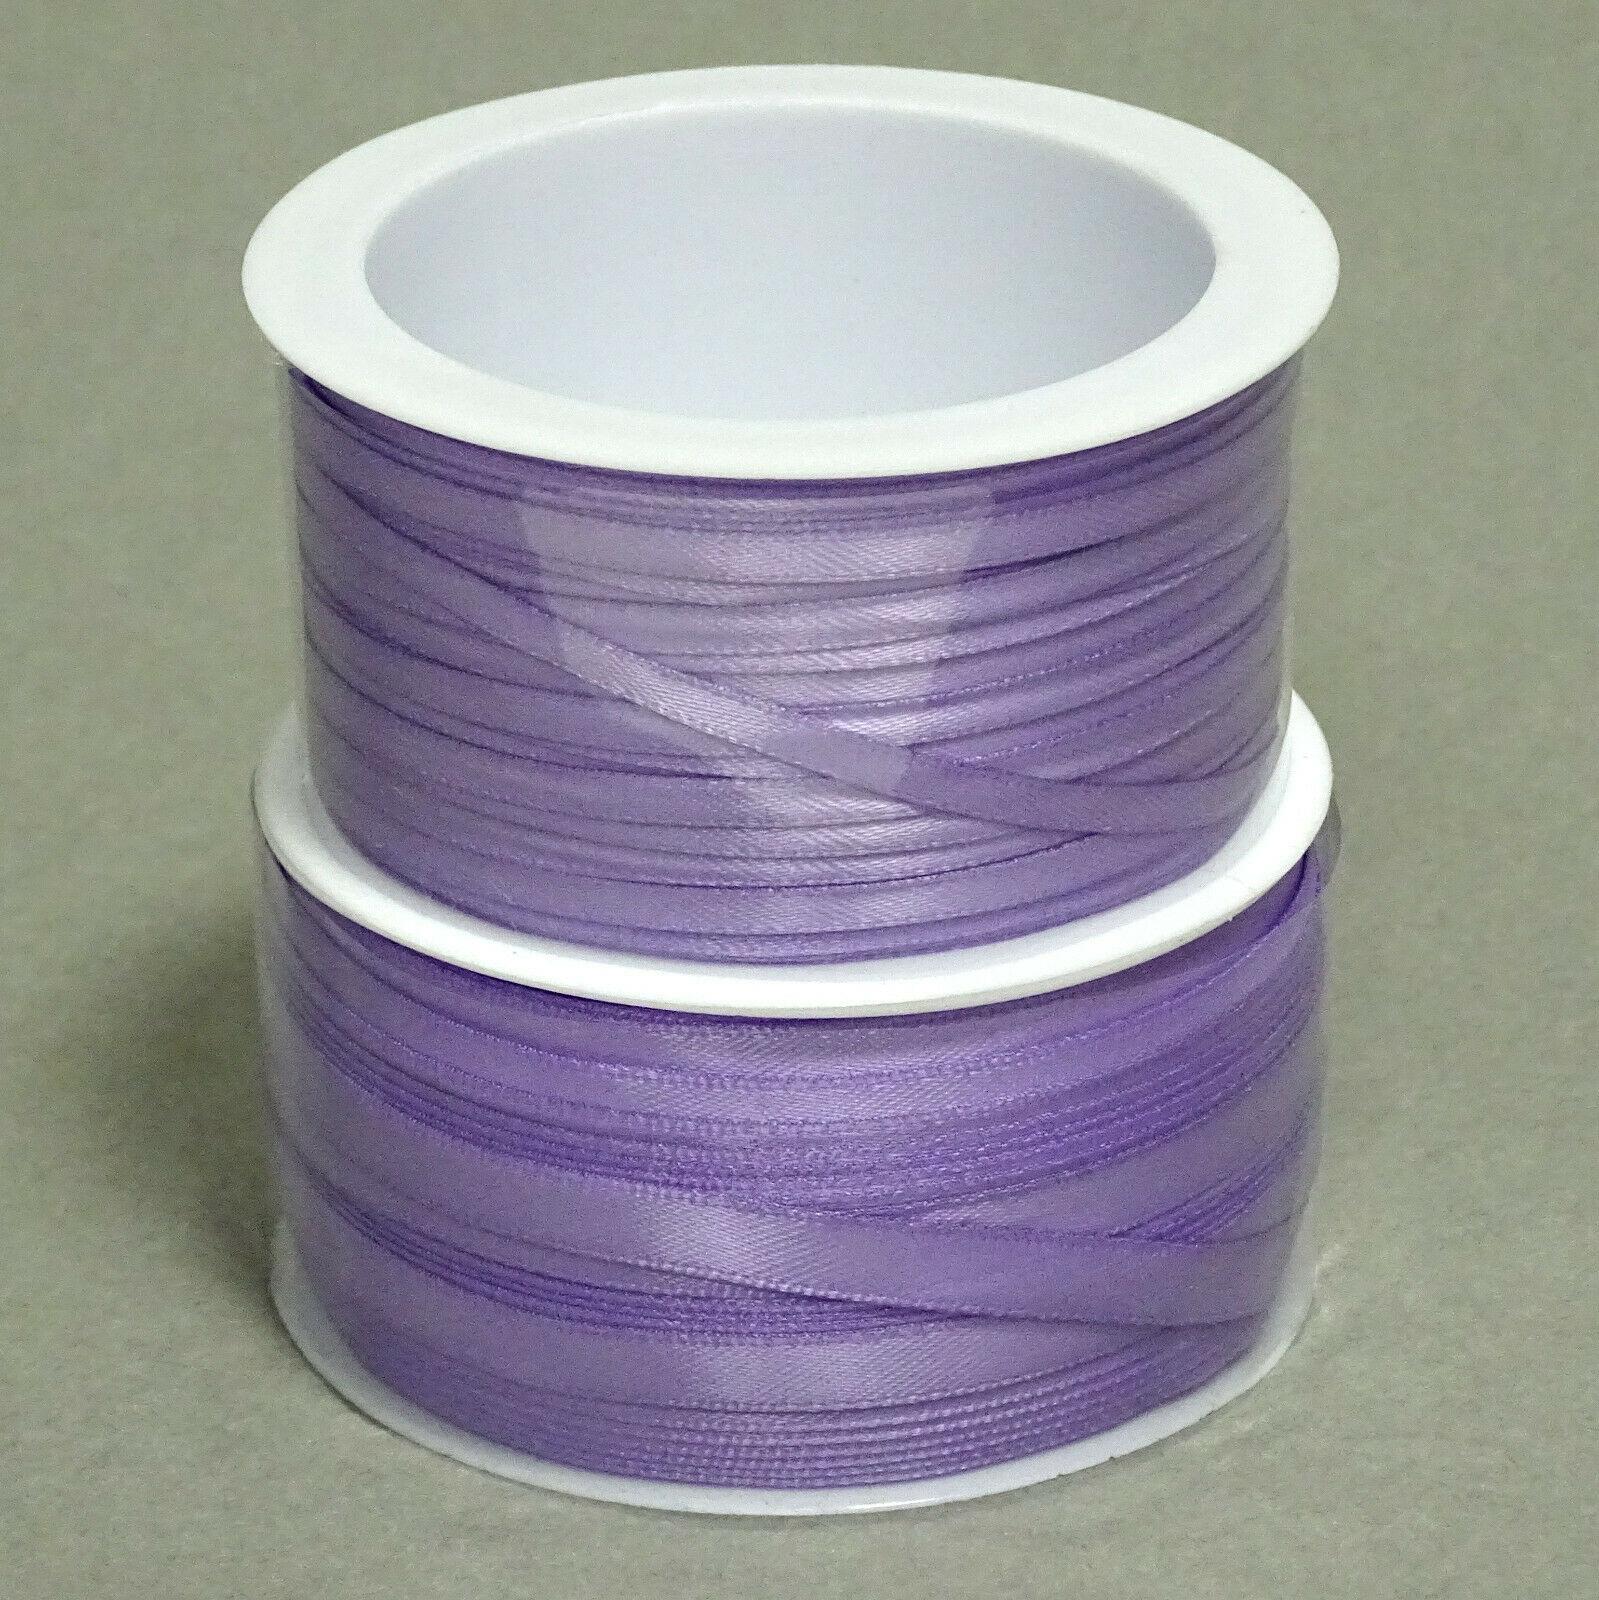 Satinband Schleifenband 50m x 3mm / 6mm Dekoband ab 0,05 €/m Geschenkband Rolle - Flieder 116, 3 mm x 50 m